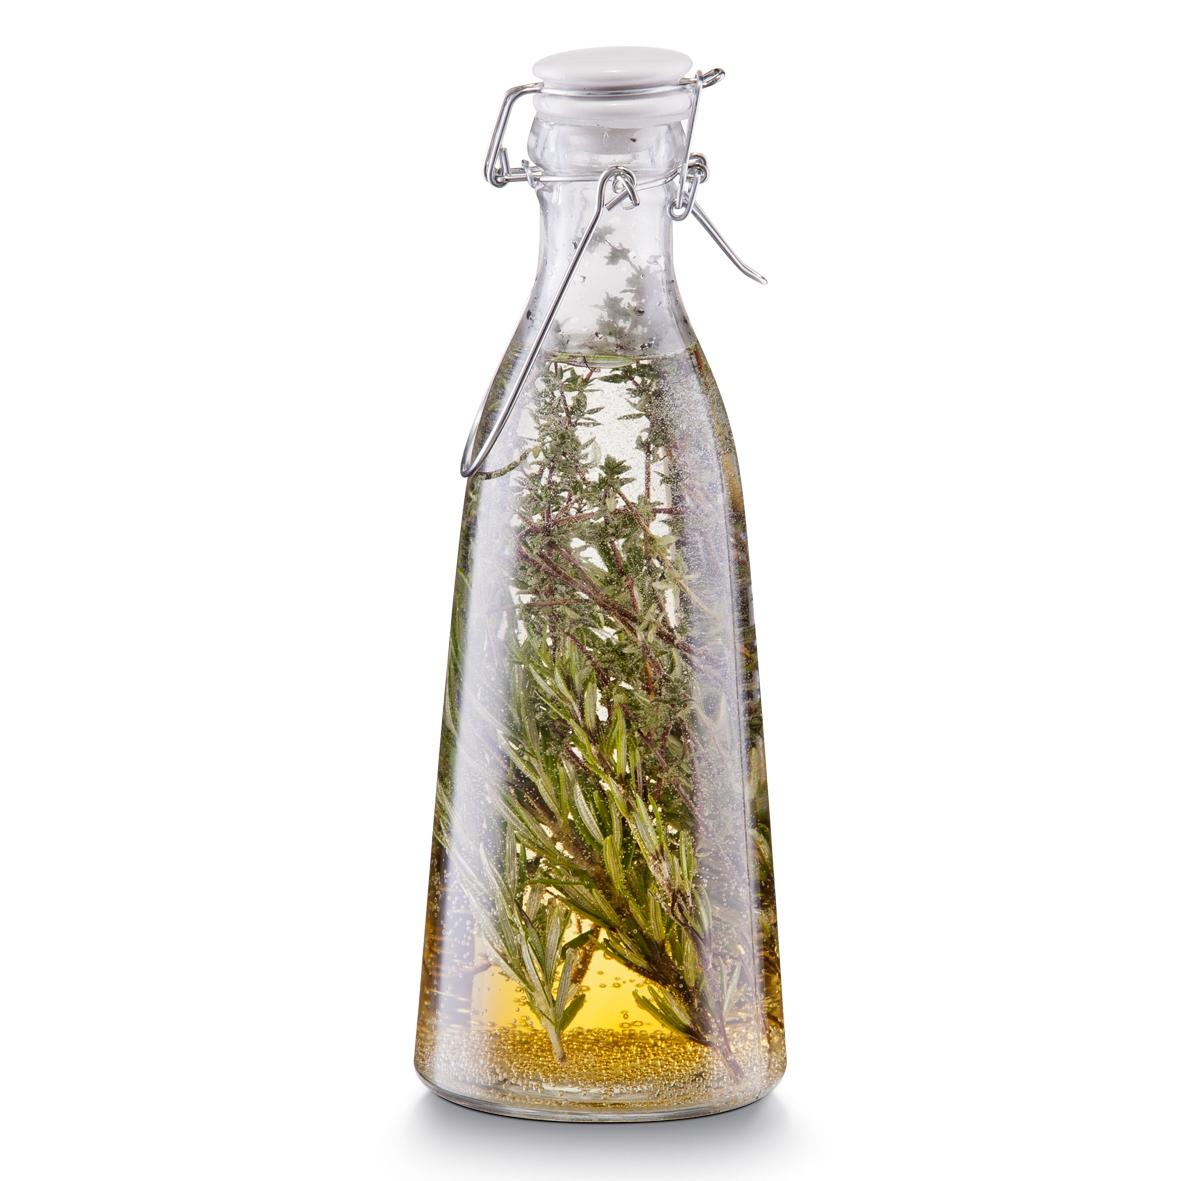 Sticla cu inchidere ermetica 1000 ml O 103xH29 cm